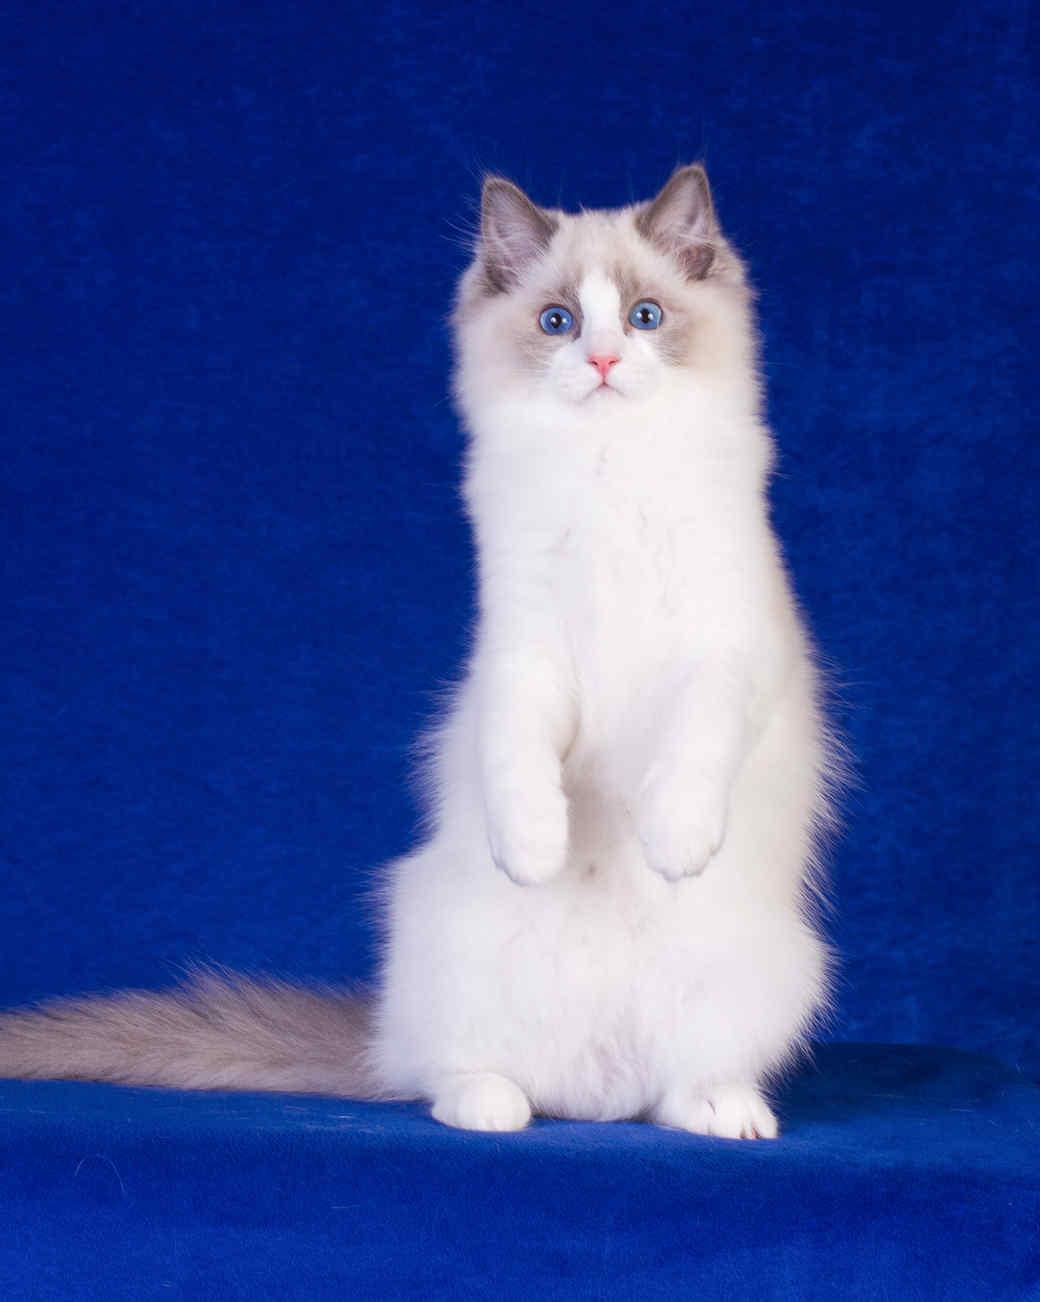 cat-breeds-ragdoll-ic18-955.jpg